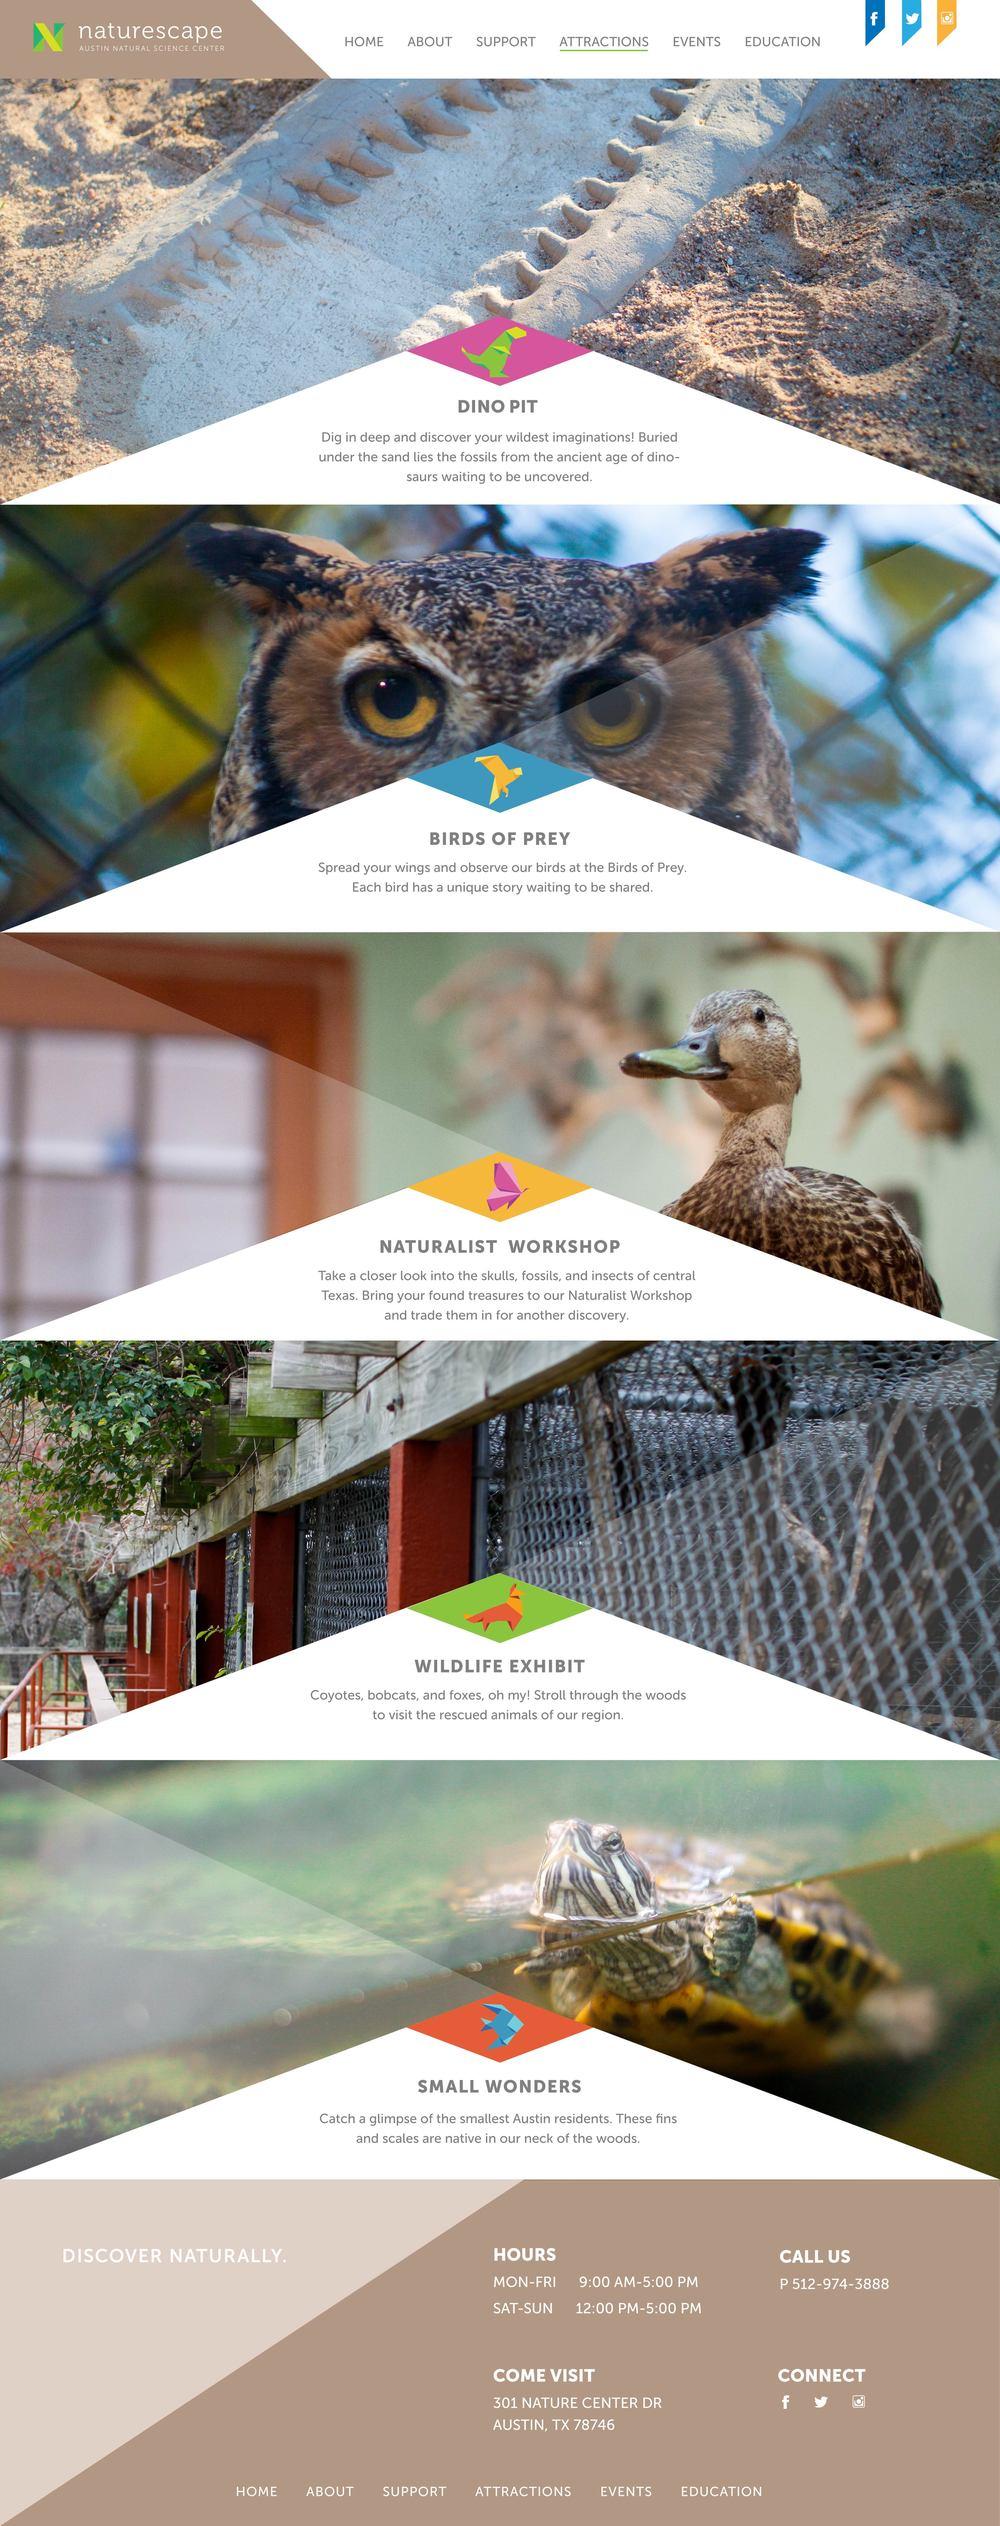 Naturescape Website_Attractions.jpg